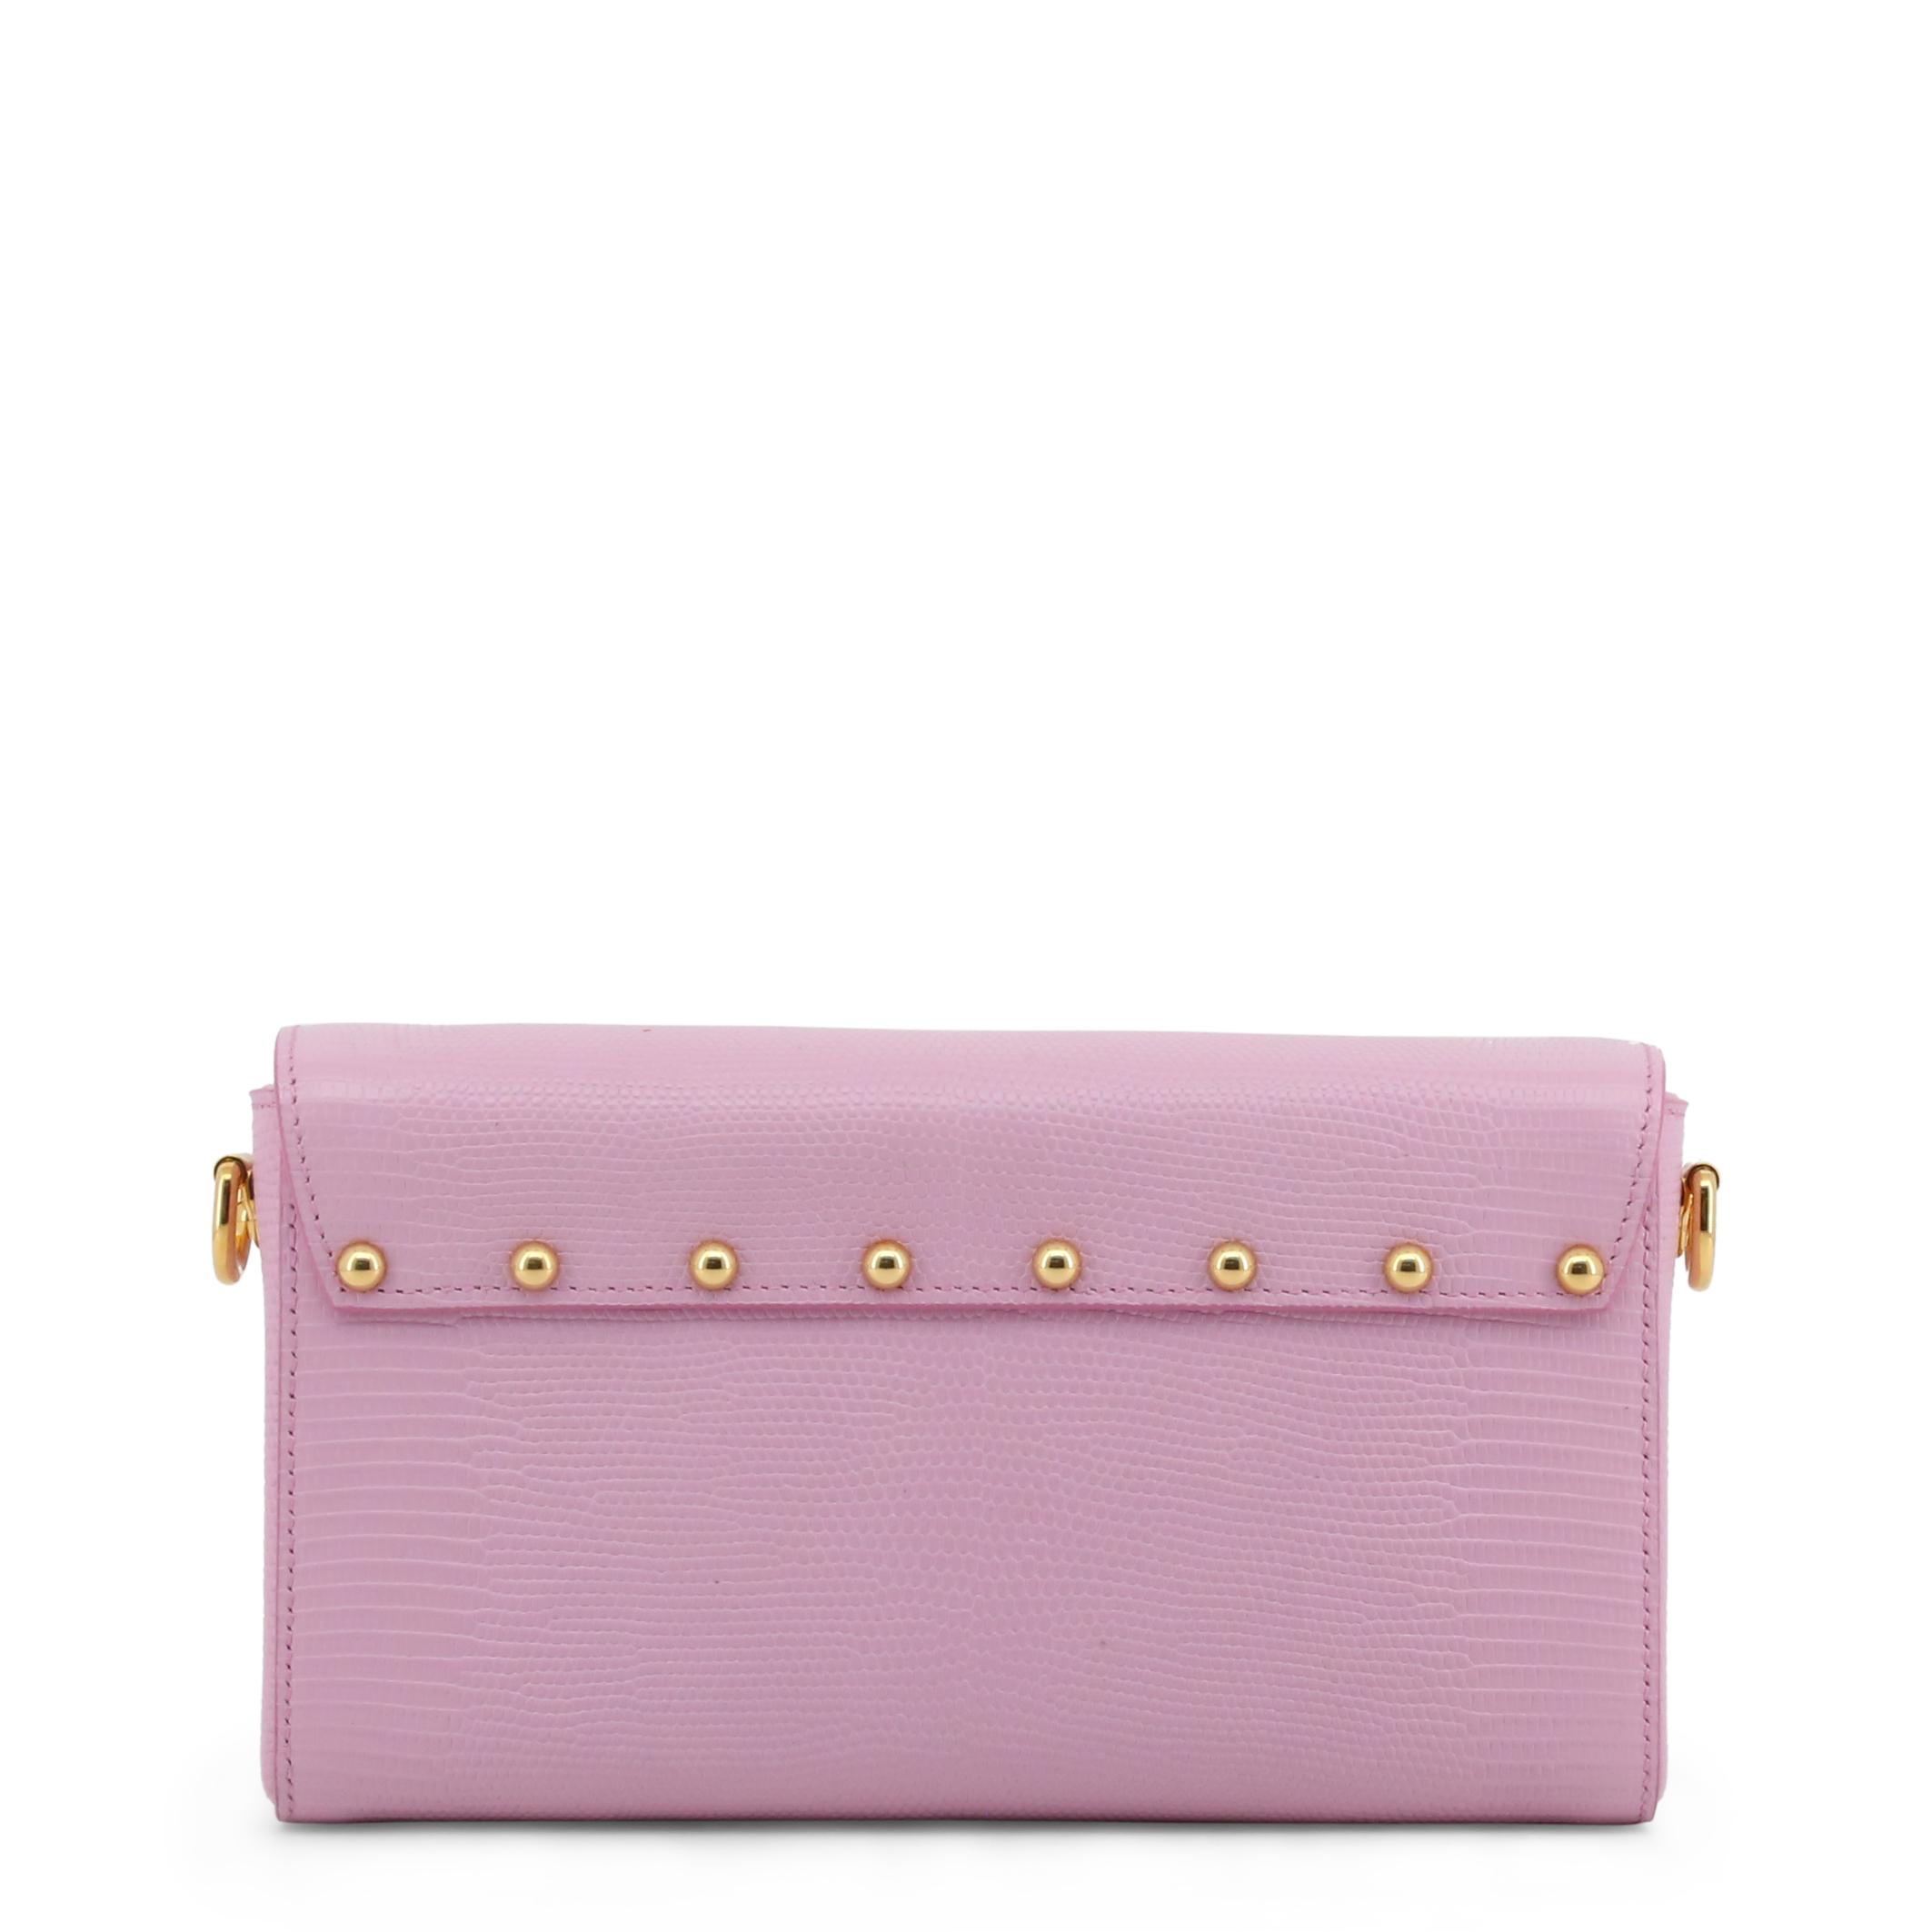 Borse-a-spalla-Dolce-amp-Gabbana-BB6272AC2318-Donna-Rosa-100212 miniatura 3